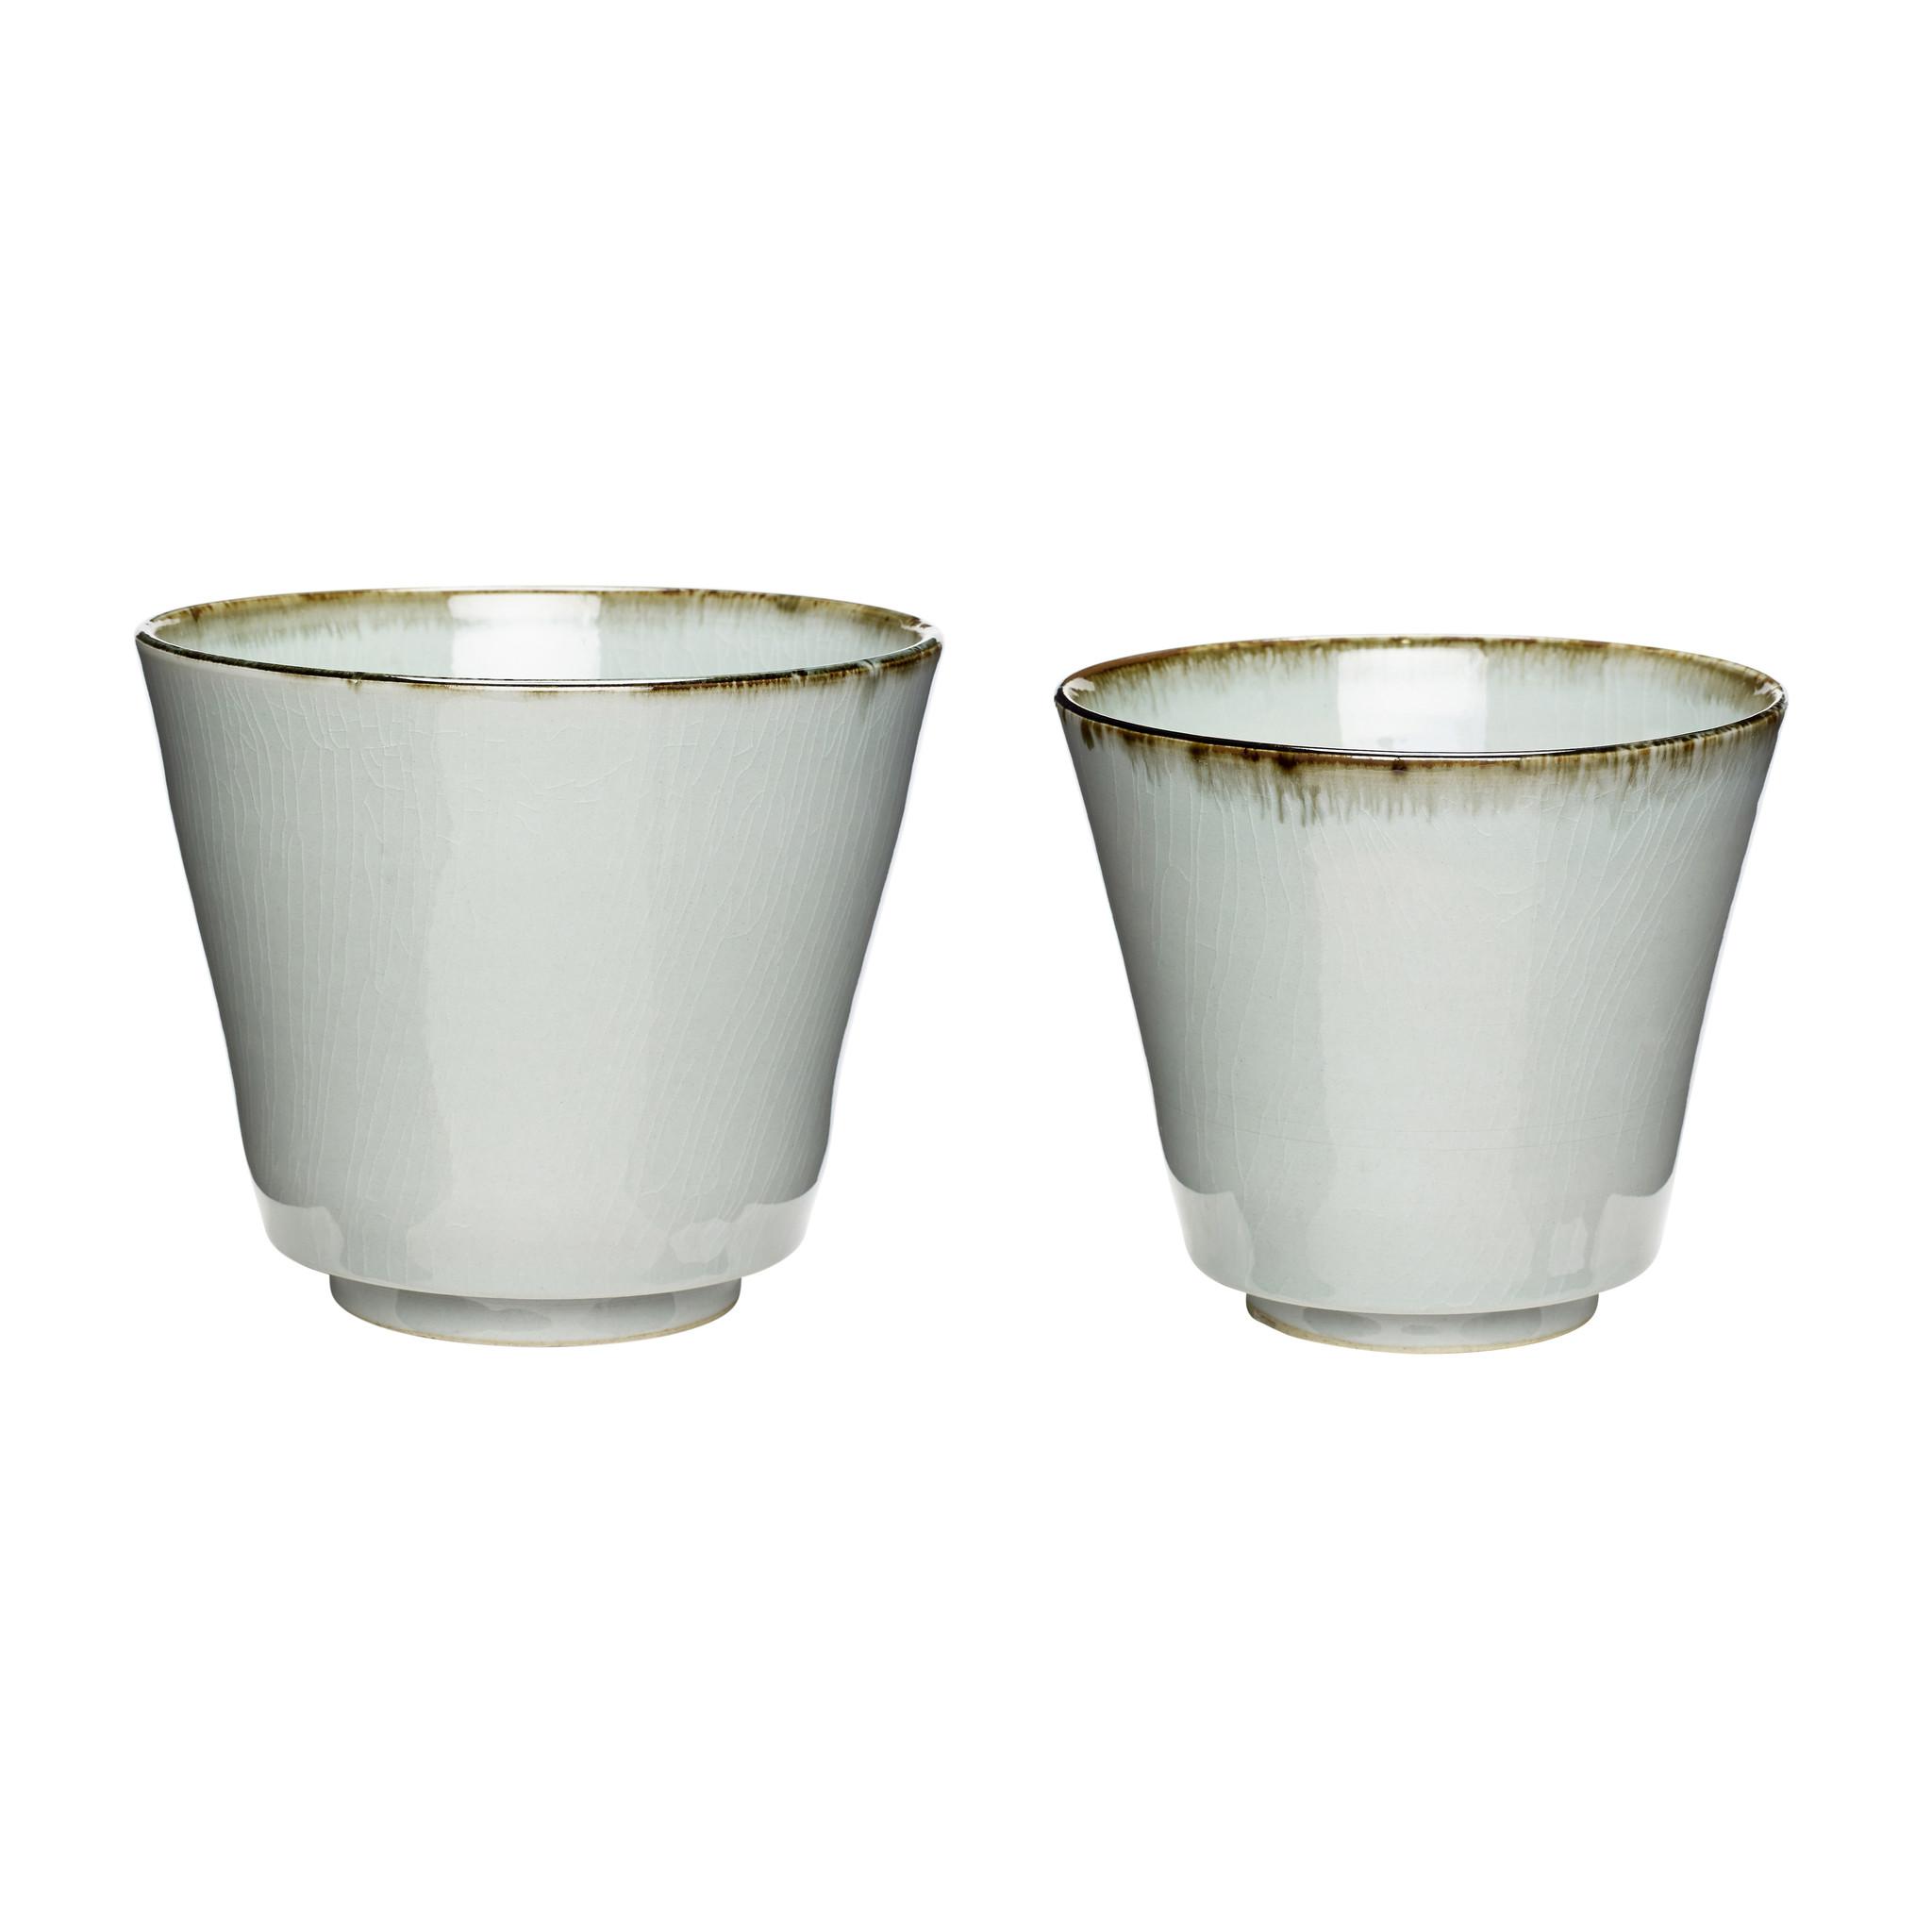 Hubsch Pot, keramiek, beige / wit, set van 2